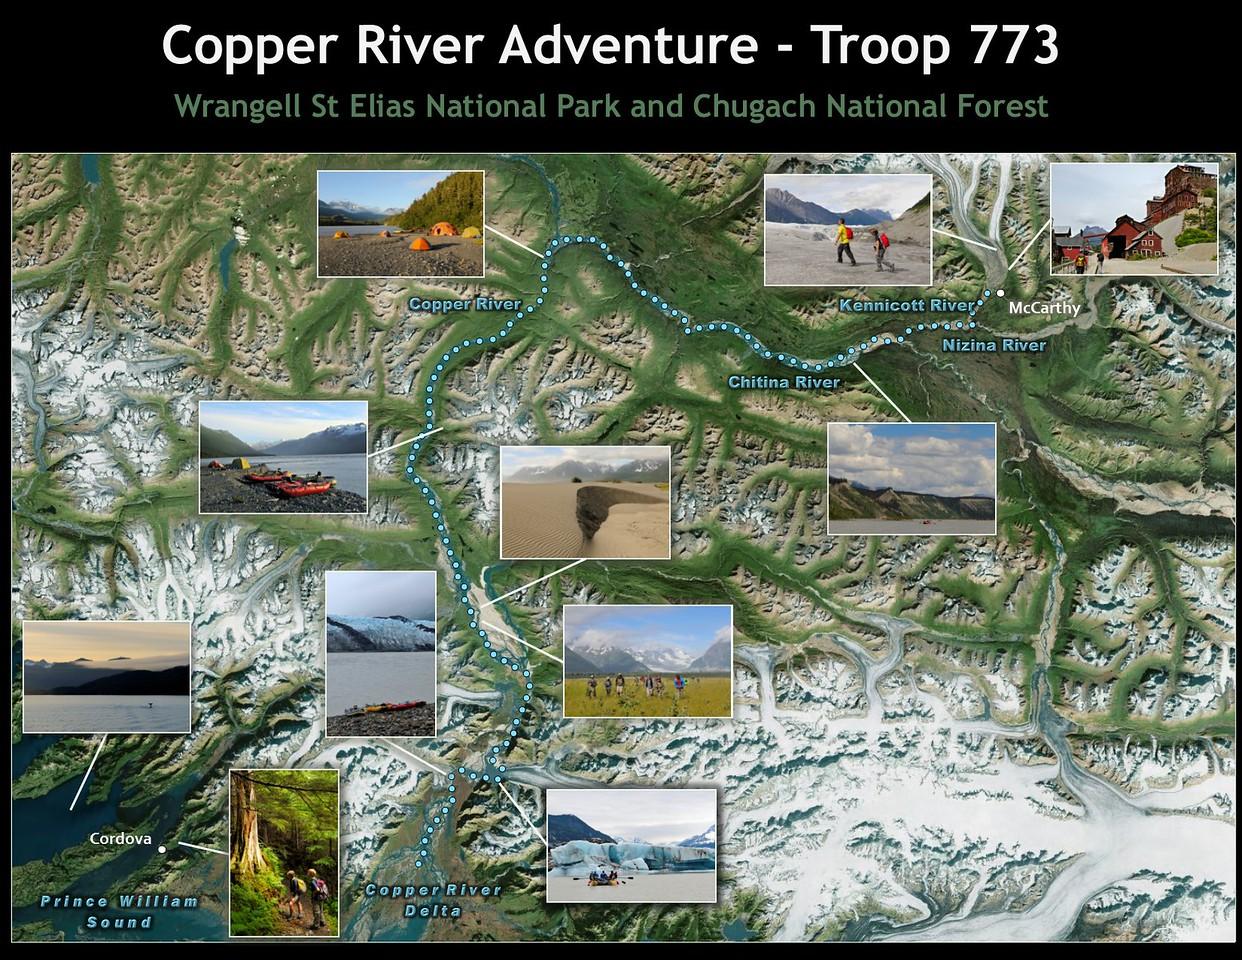 Title Slide 7 - Troop 773 Copper River